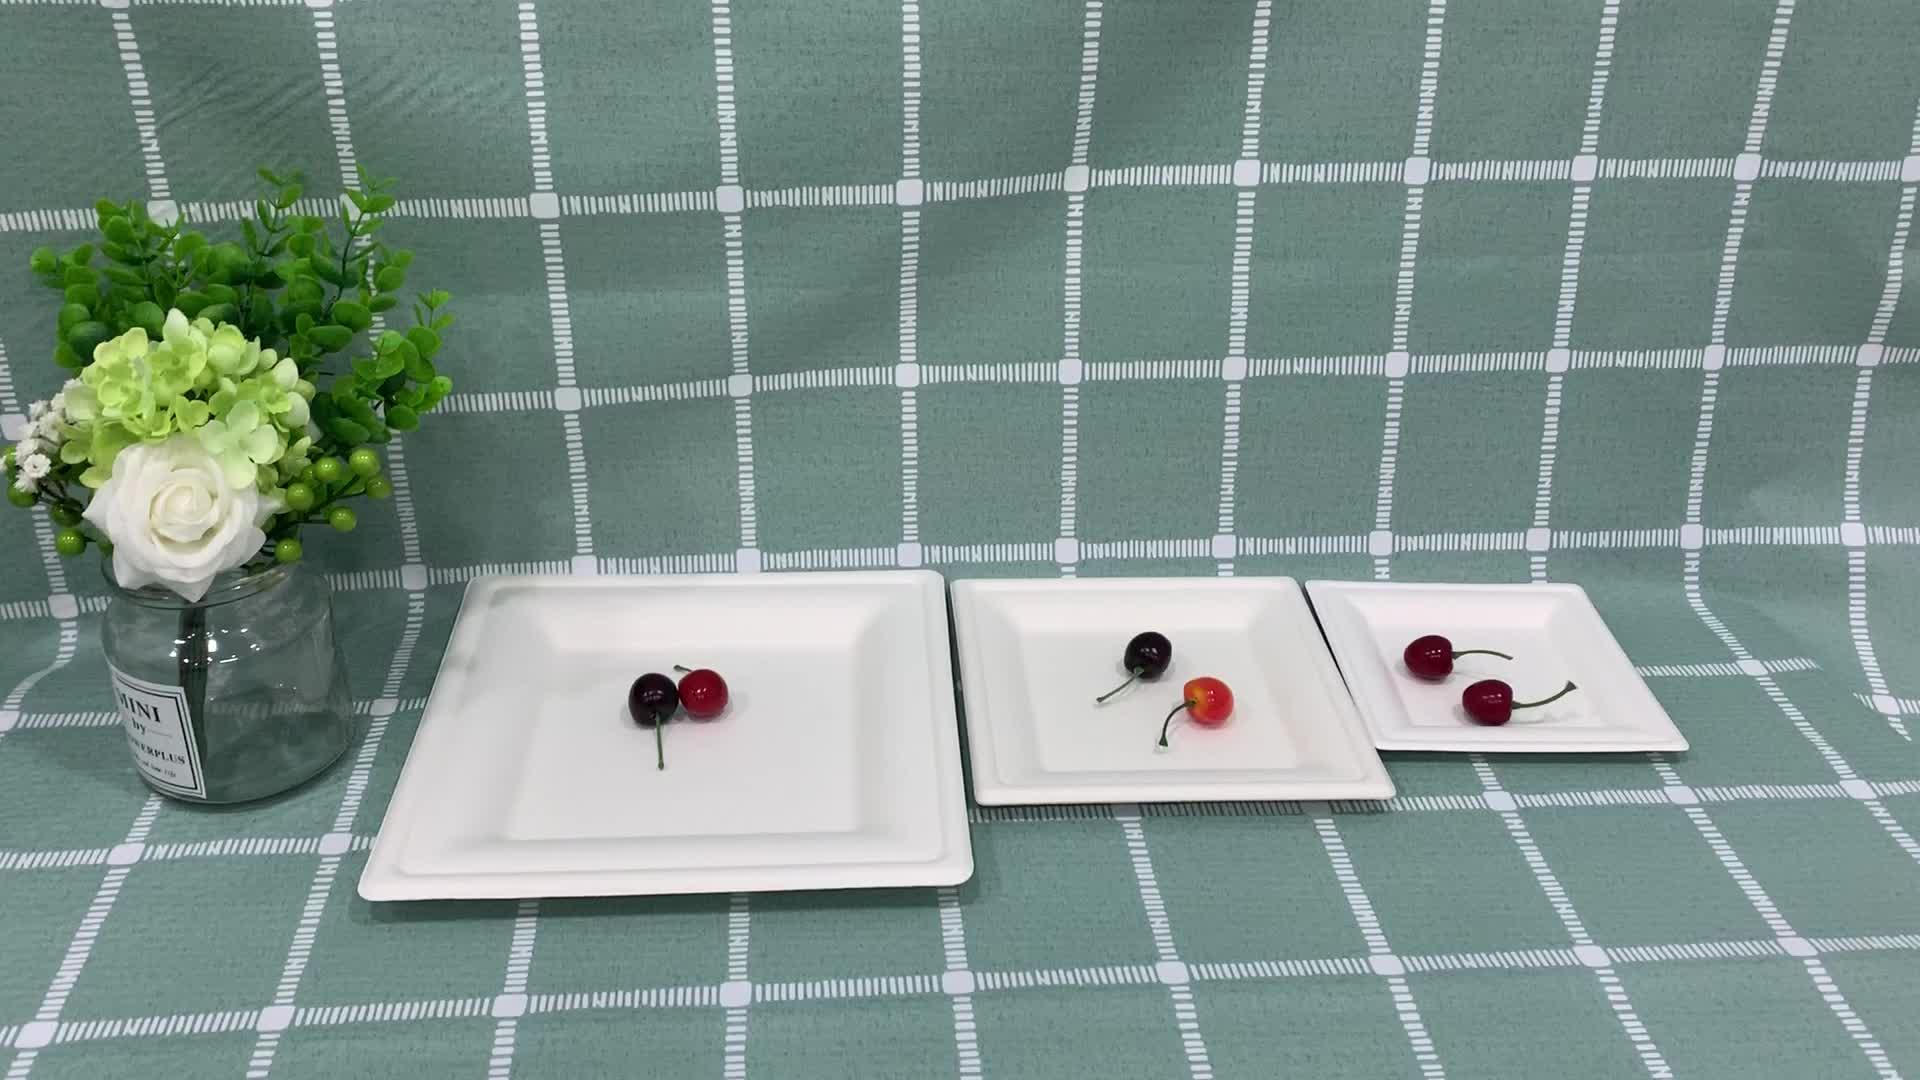 100% Biodegradable and compostable Plate aparelho de jantar quadra